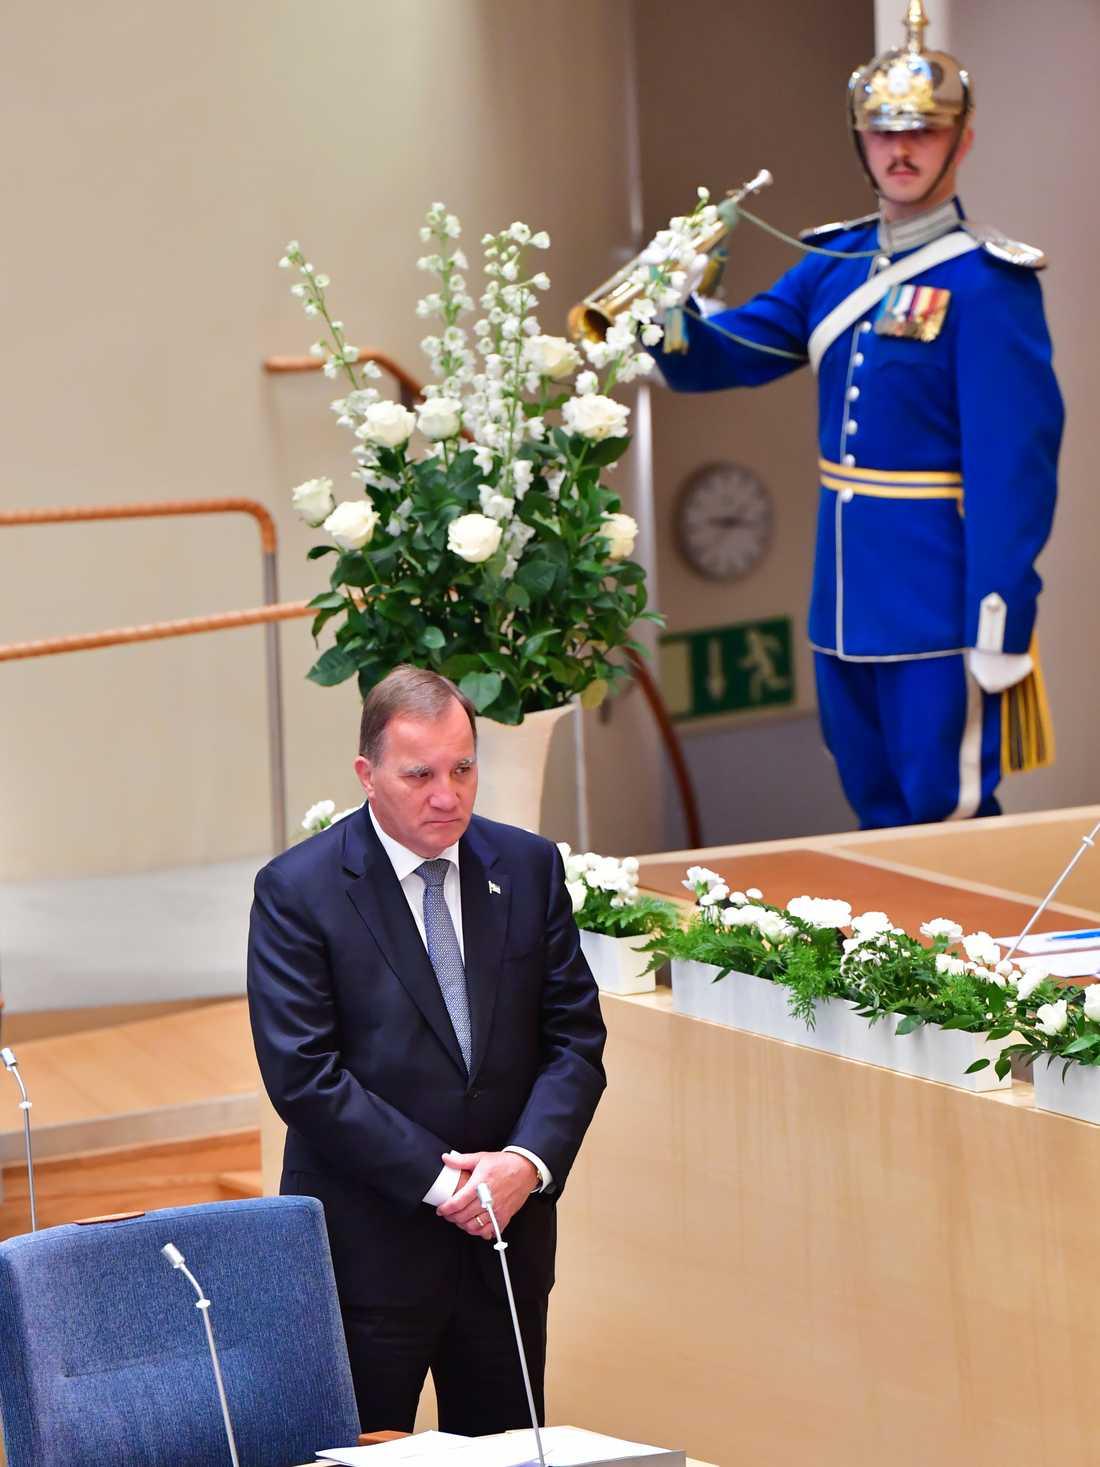 Statsminister Stefan Löfven (S) under minnesceremonin i riksdagen för coronapandemins offer.